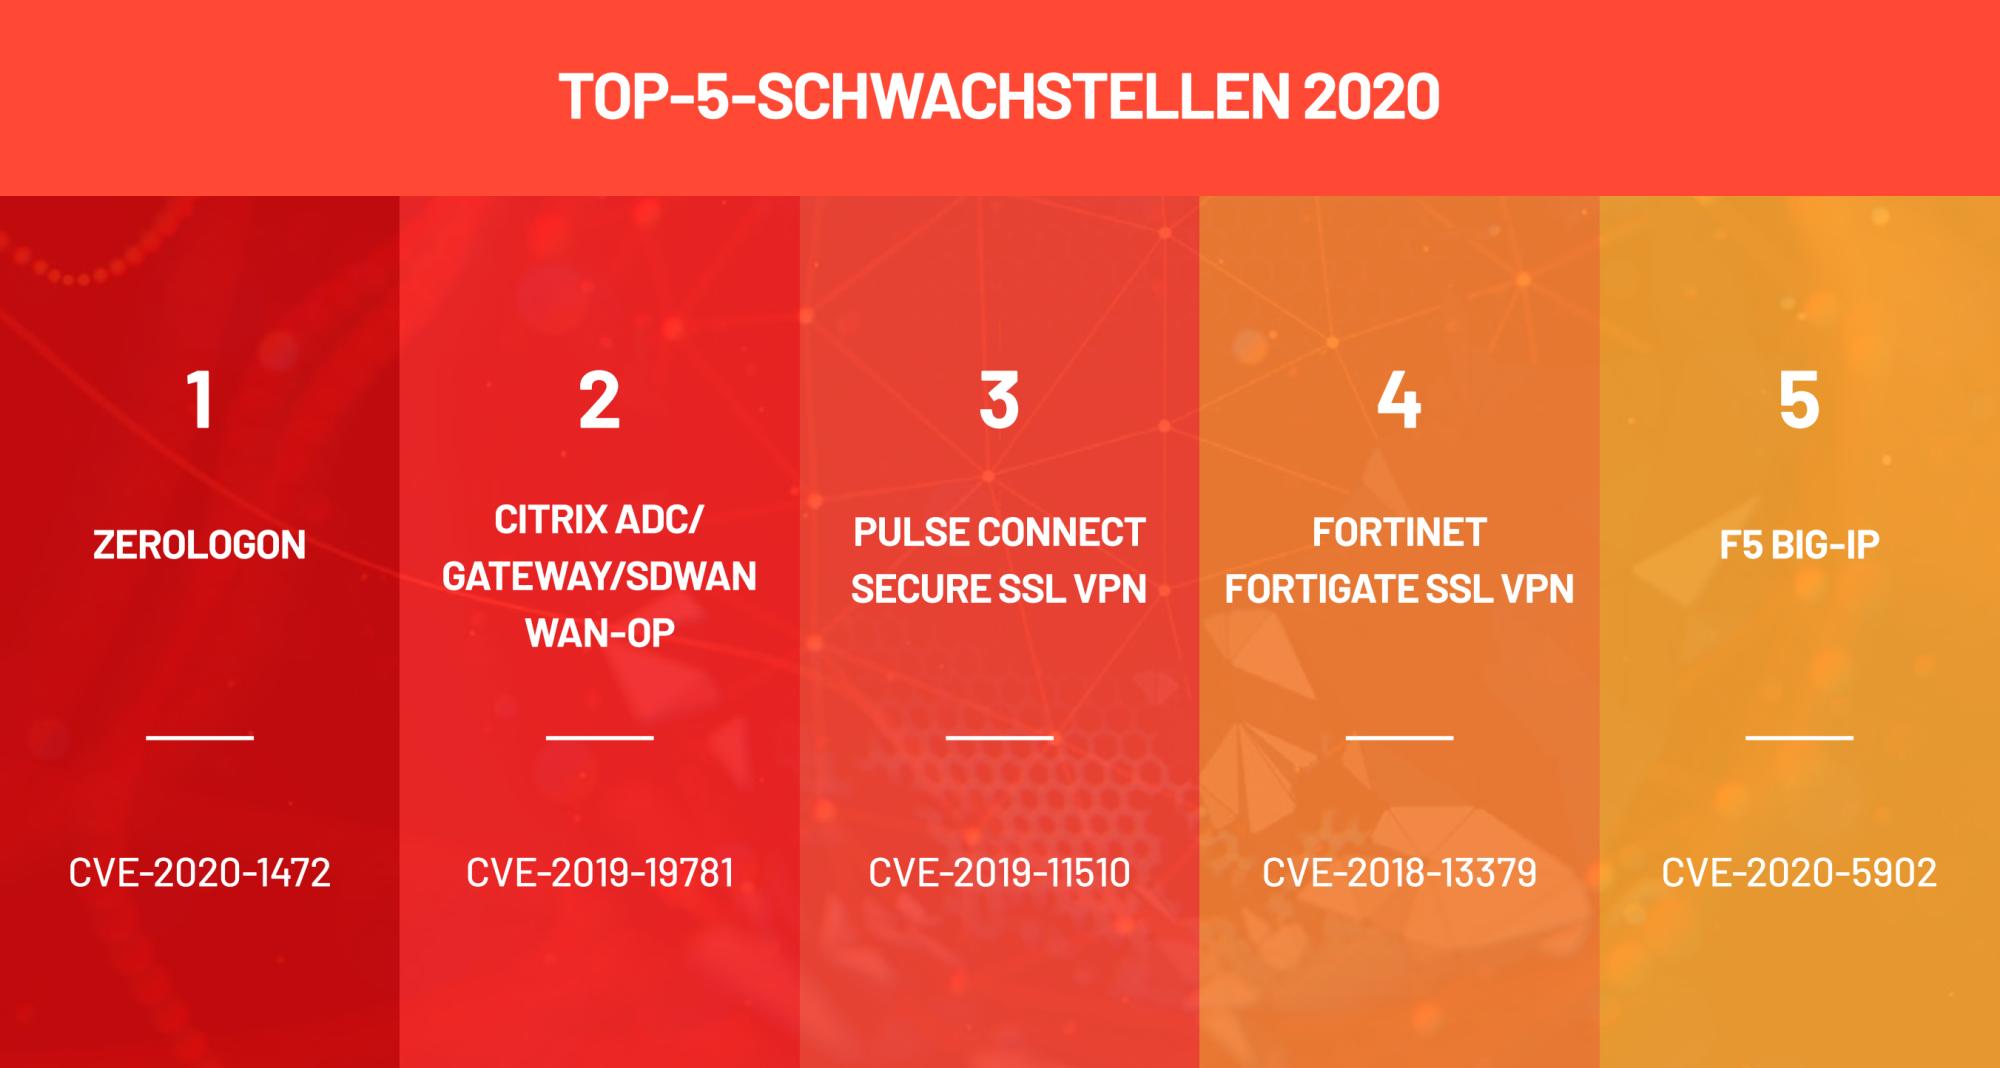 Die Top 5 Schwachstellen 2020